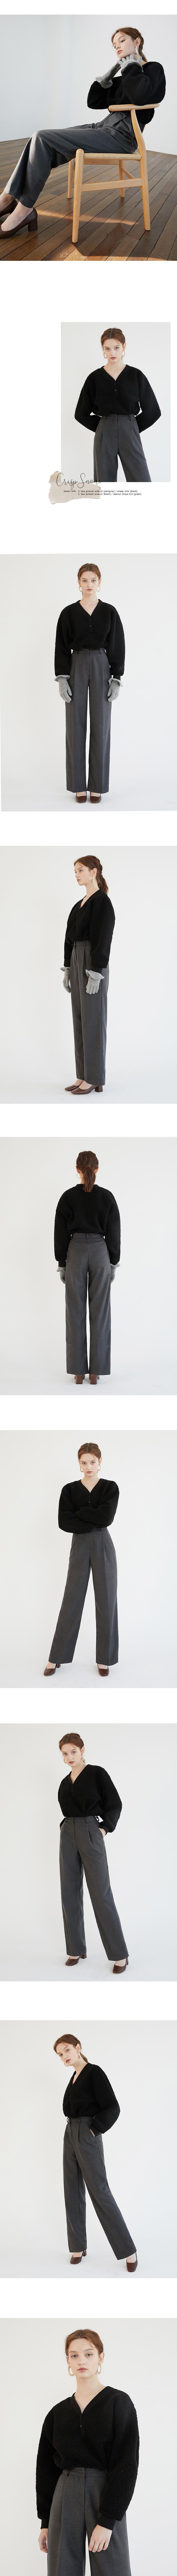 루흠(RUHM) 트윈 핀턱 와이드 팬츠 - 블랙